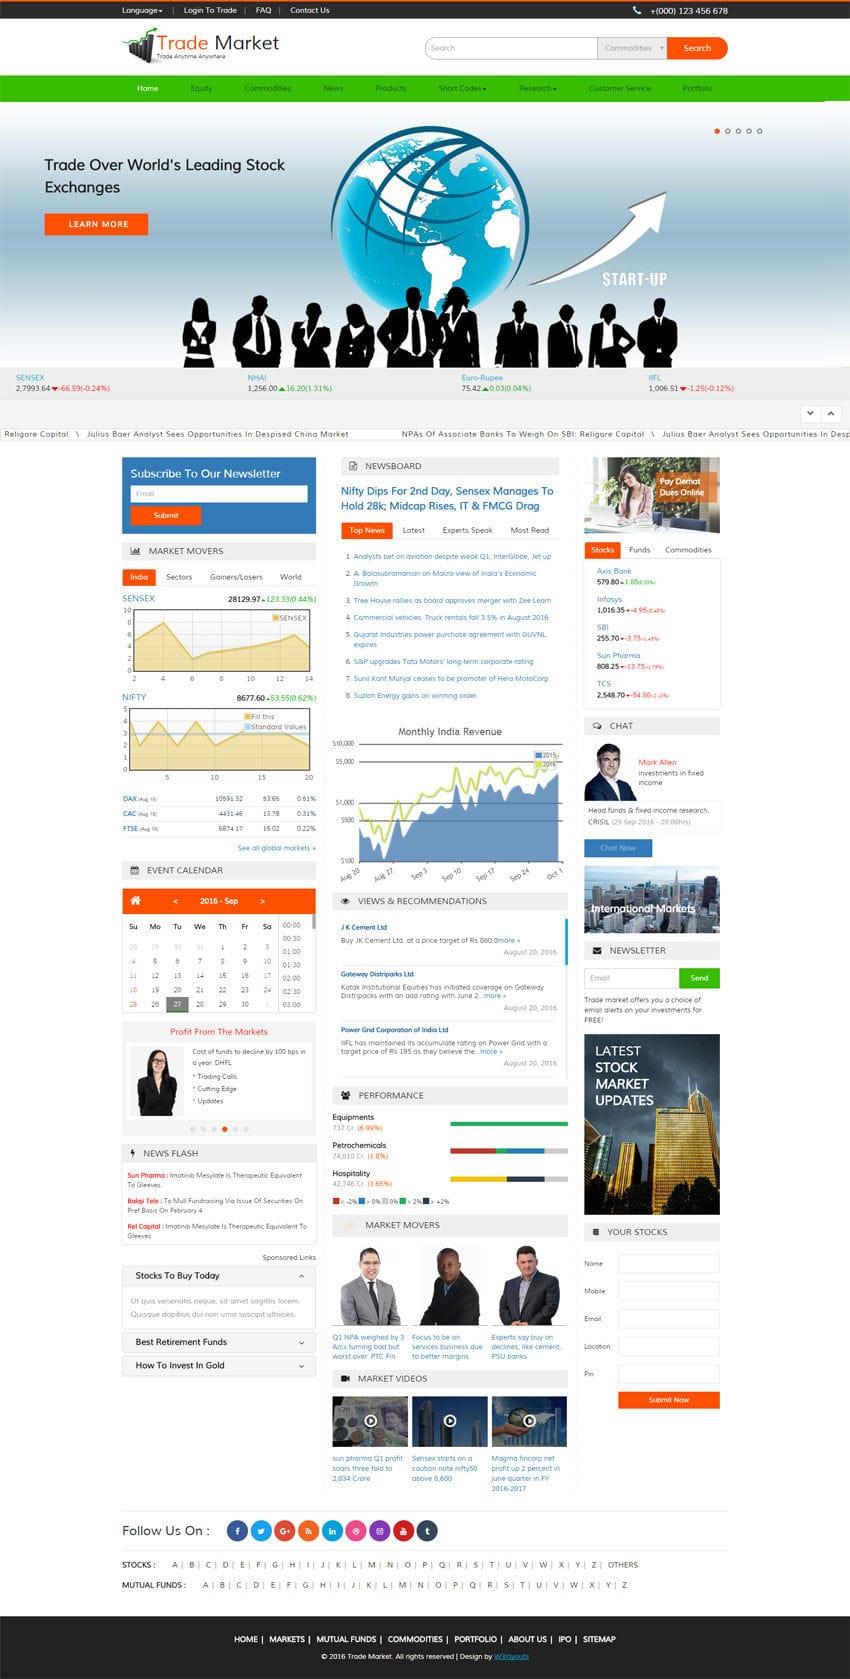 trade_market_full